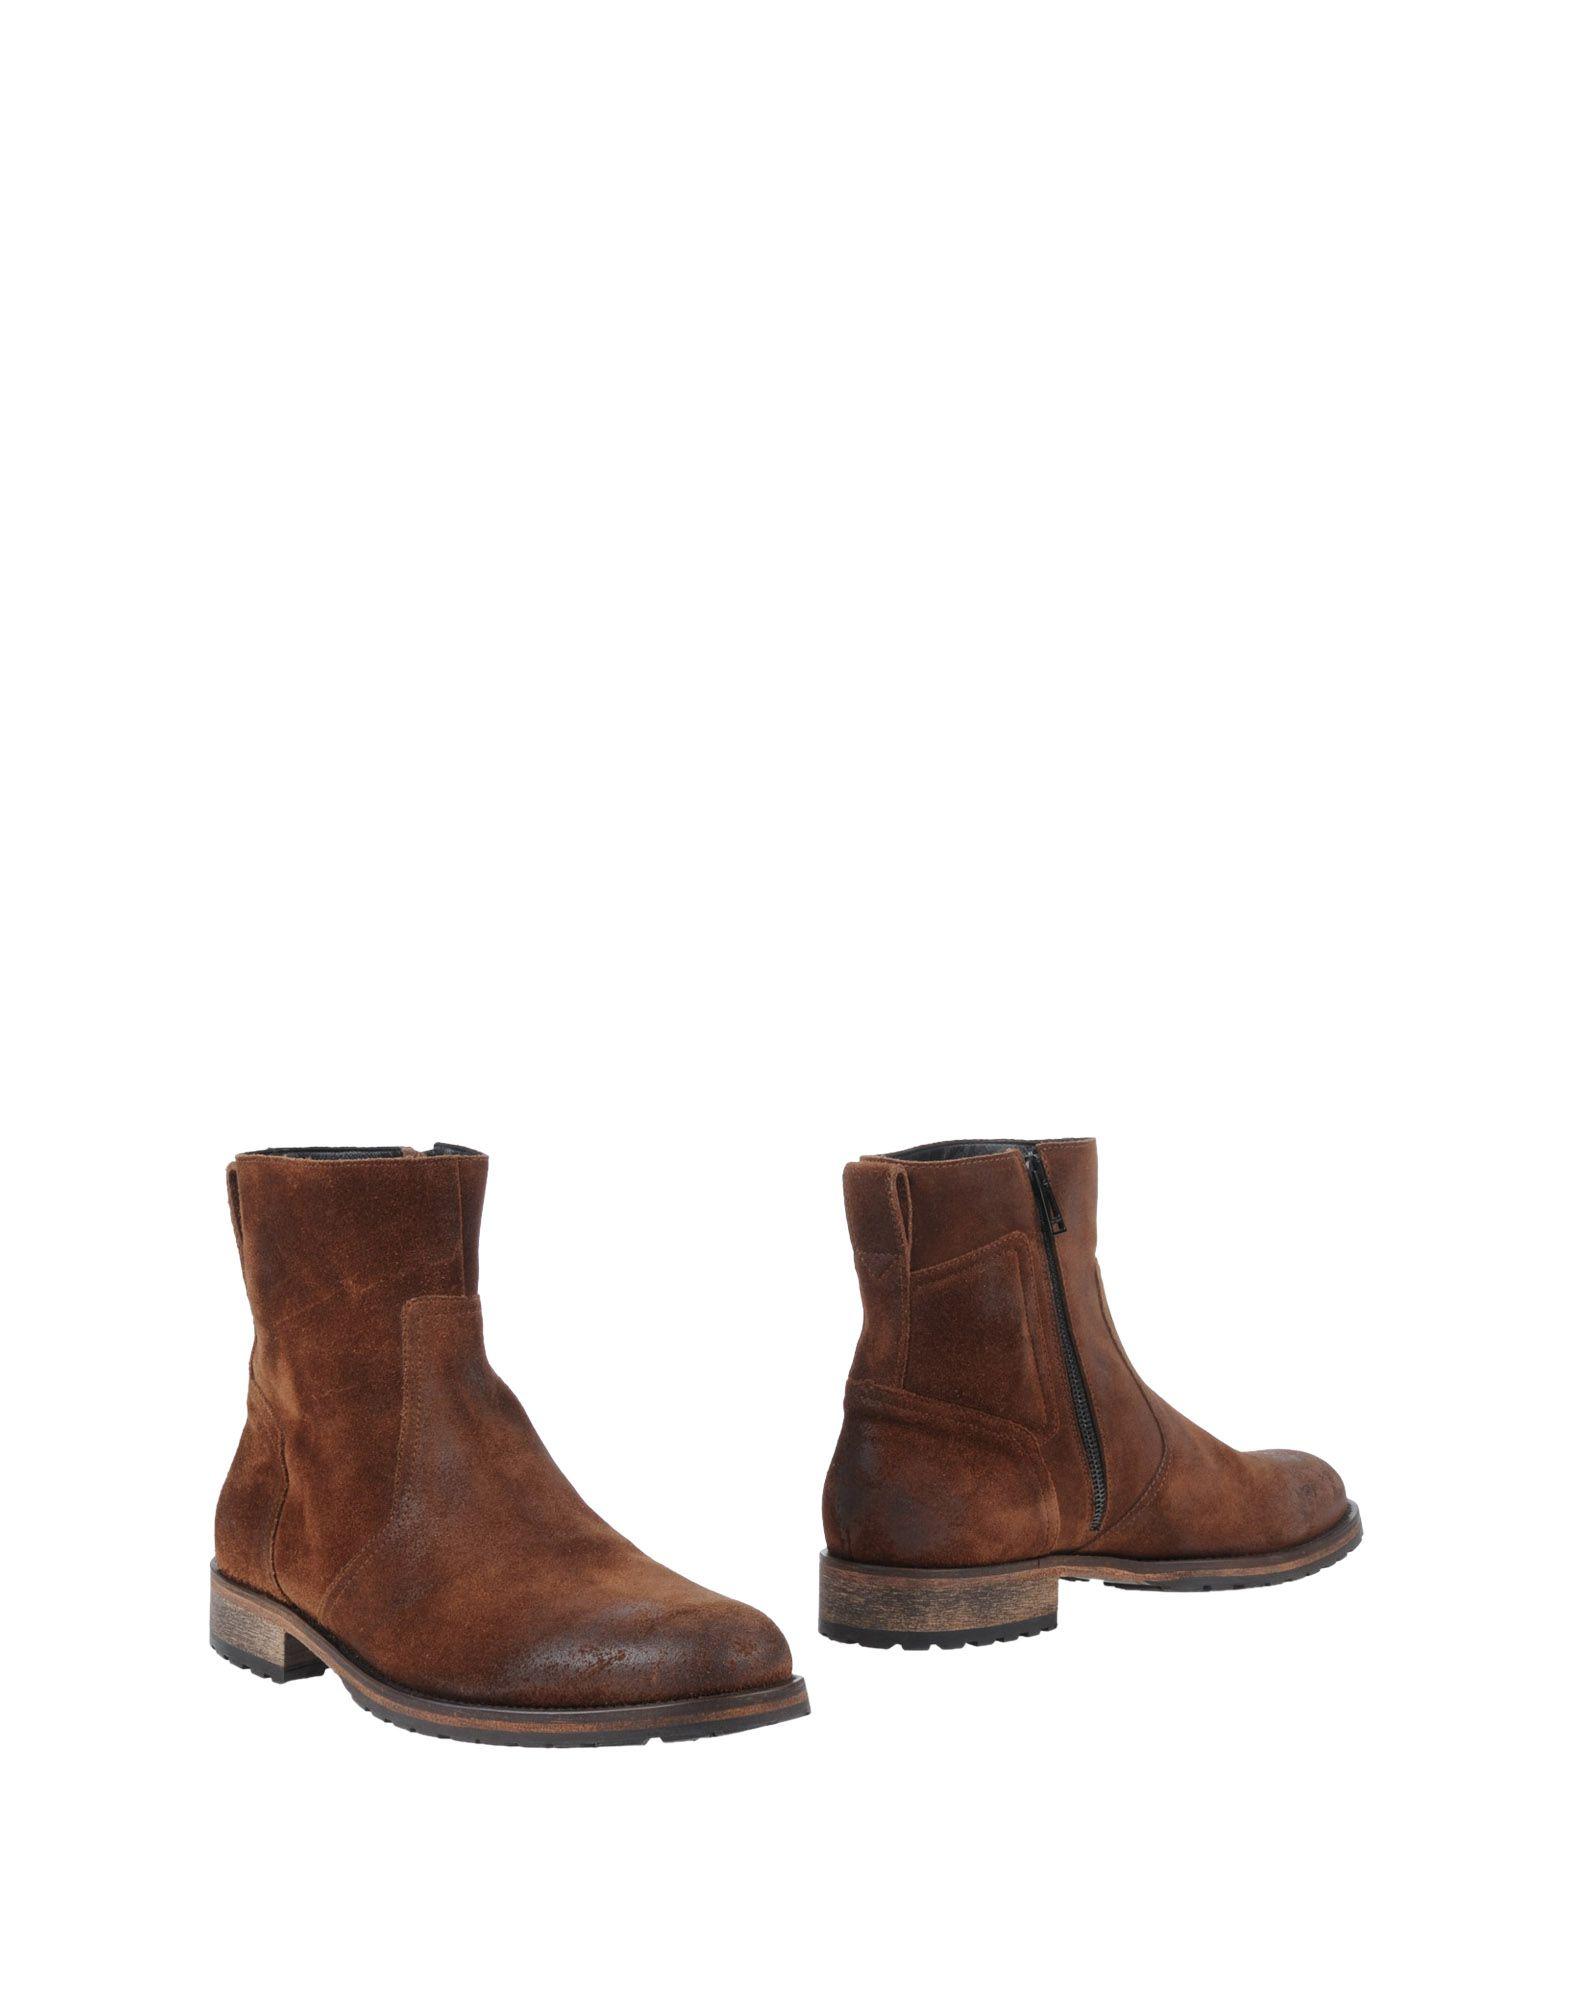 BELSTAFF Полусапоги и высокие ботинки belstaff bromley jakke sf3868 [32098] nok 3 691 belstaff utløp belstaffoutlet top